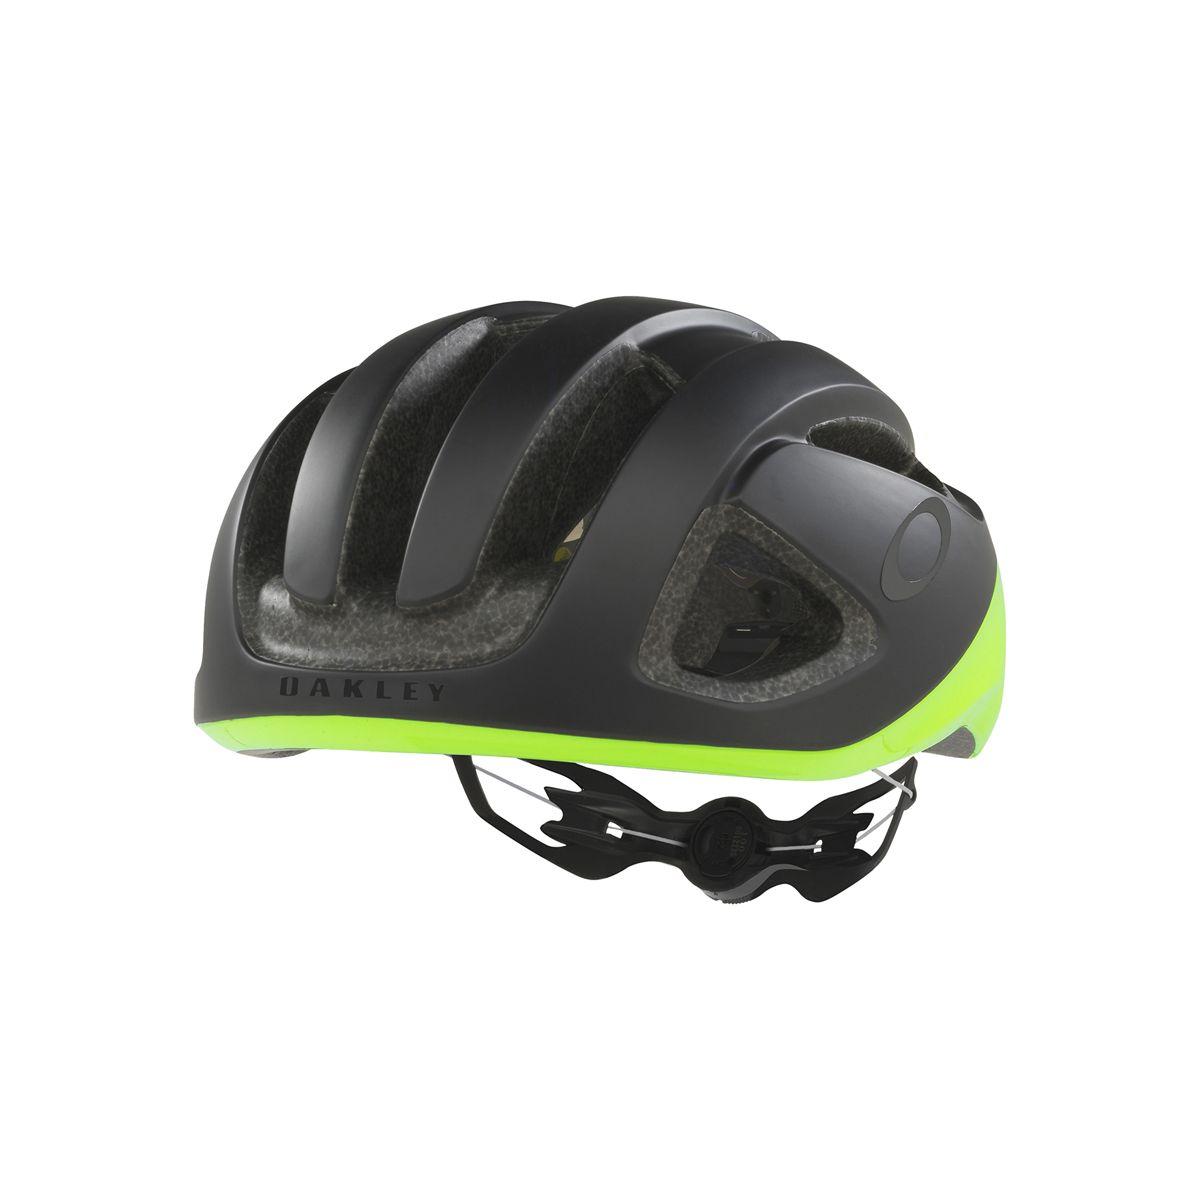 Oakley ARO3 helm test